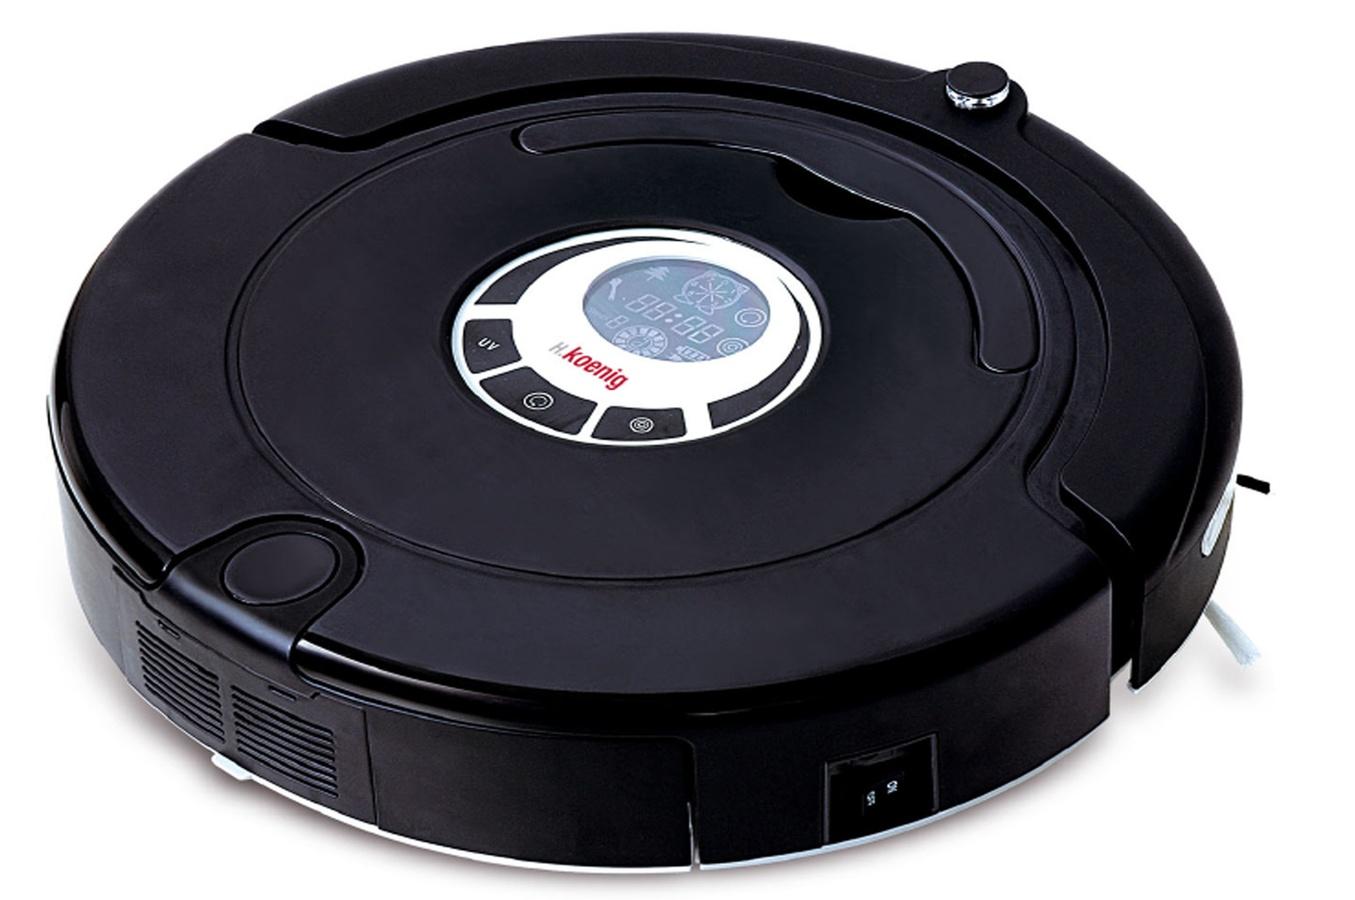 comment choisir son aspirateur robot laveur aqua. Black Bedroom Furniture Sets. Home Design Ideas